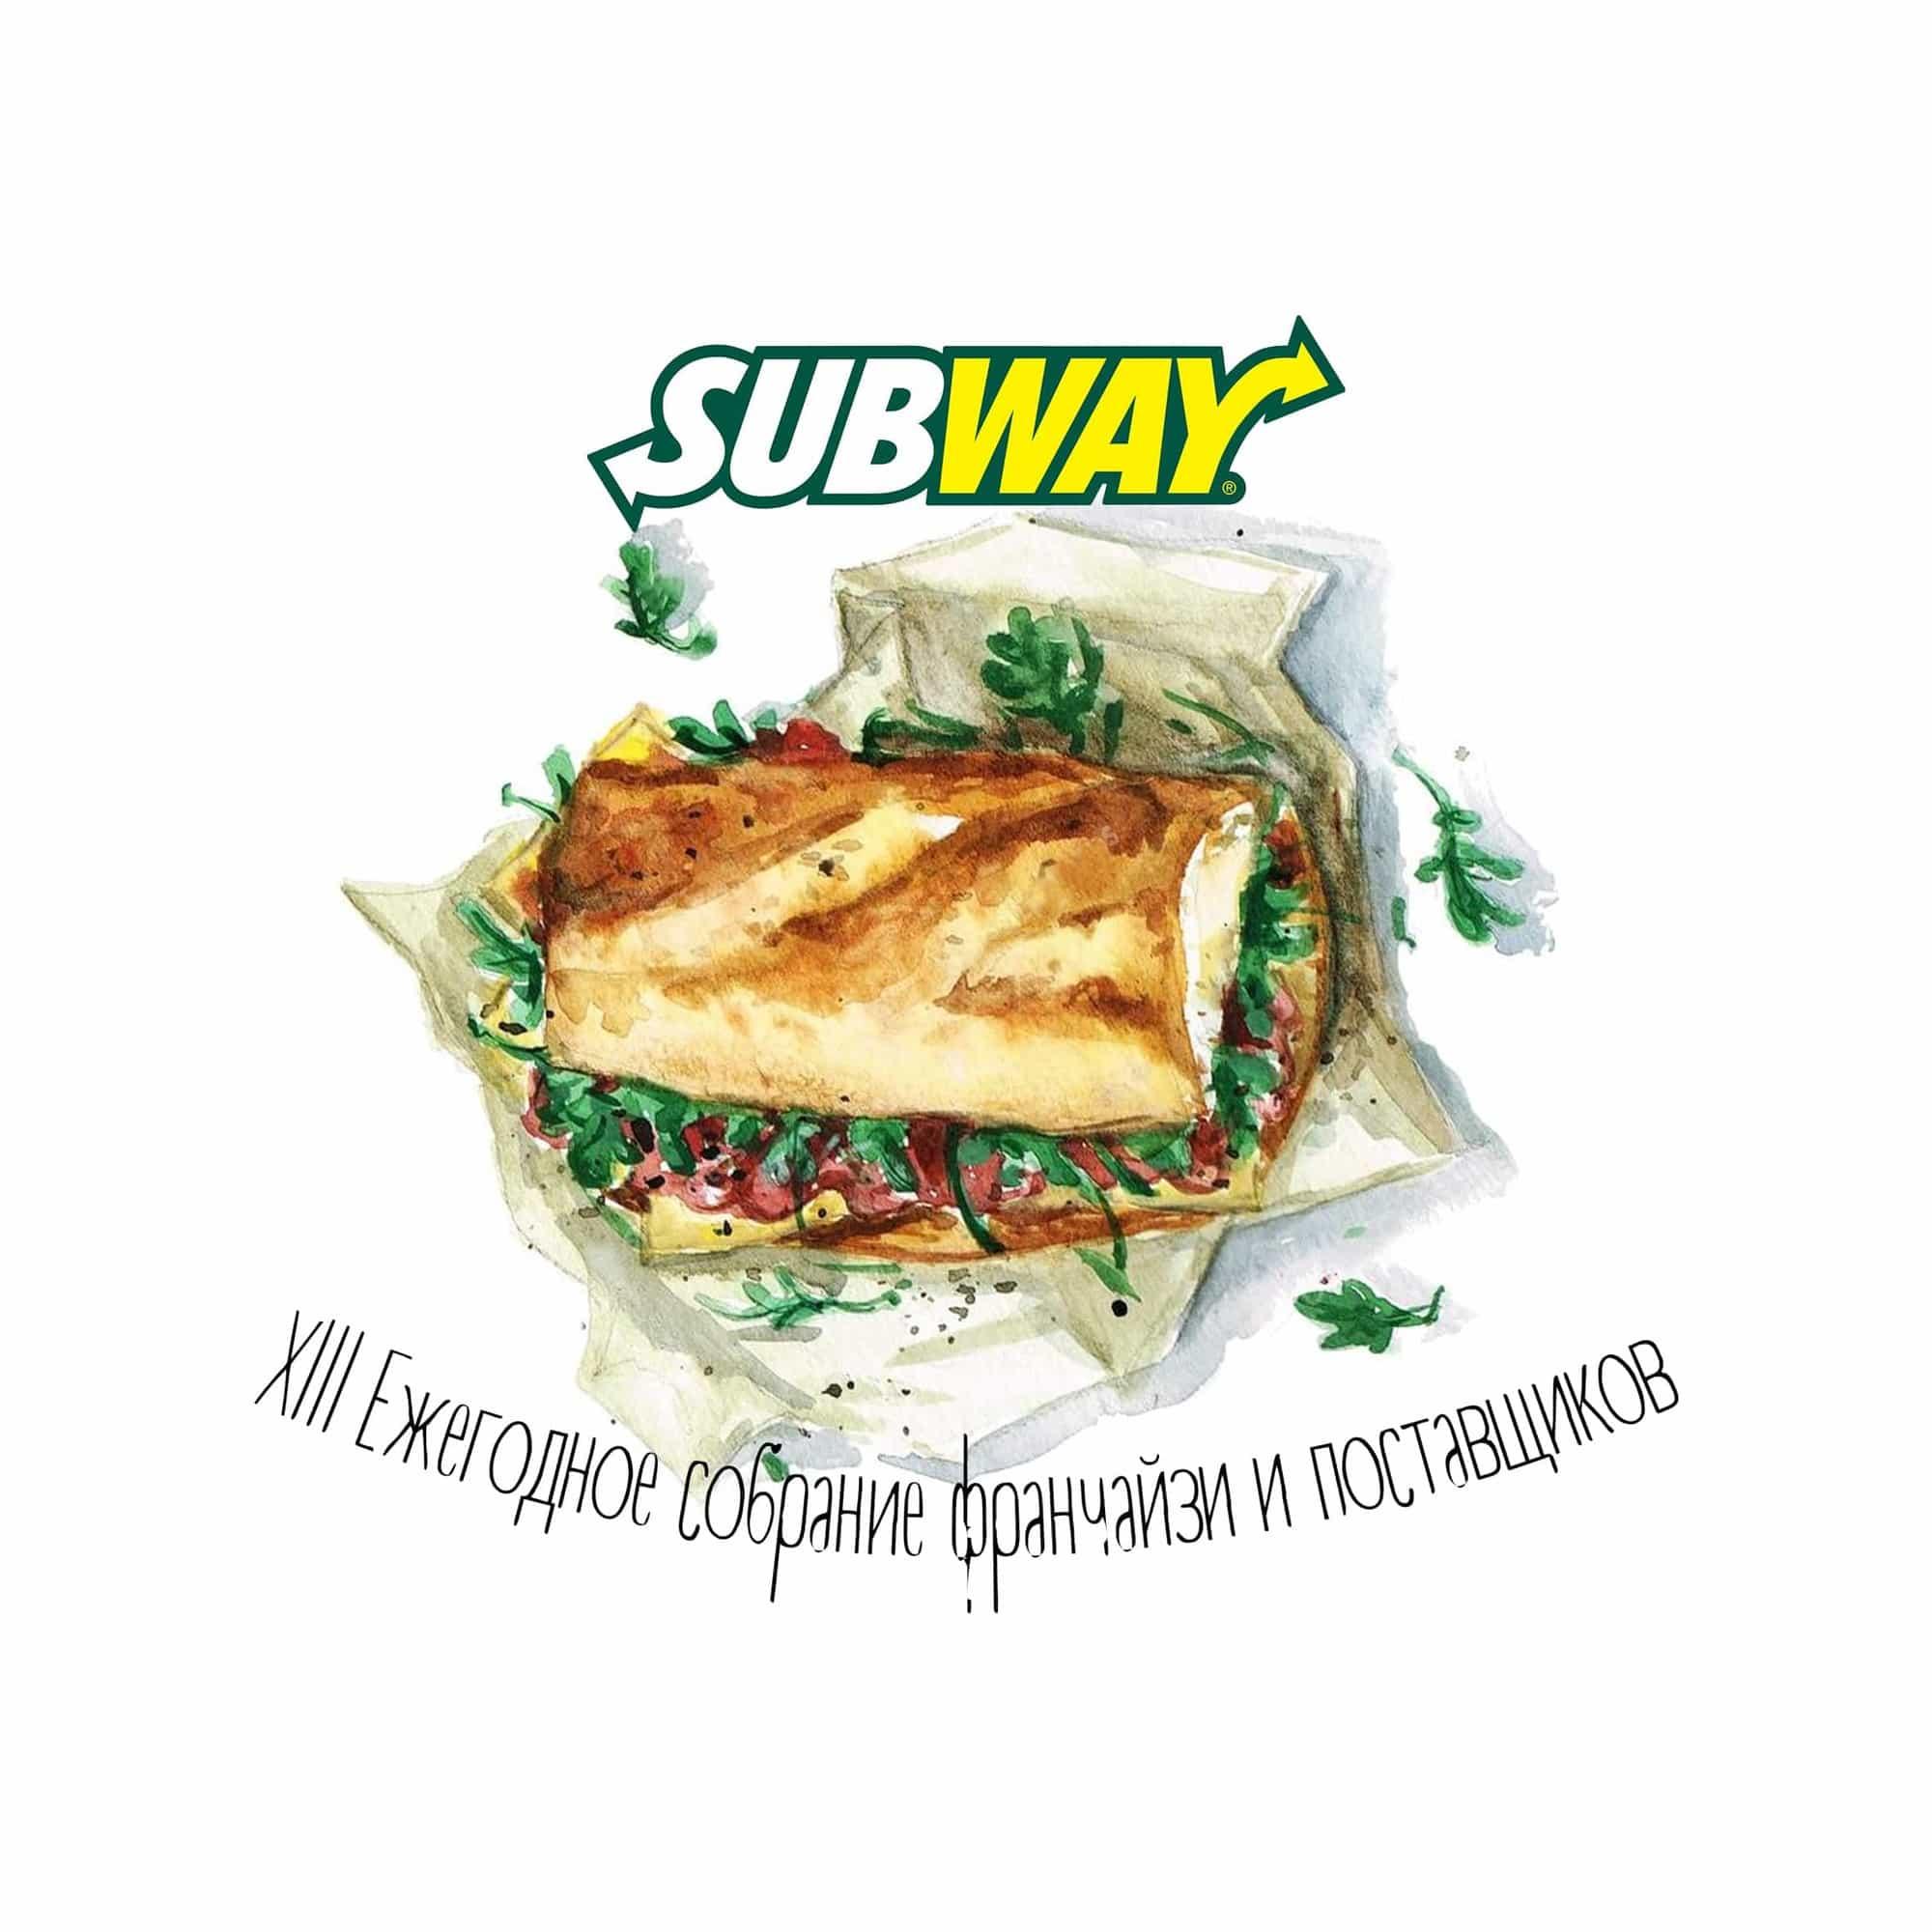 Ежегодное собрание франчайзи Subway.